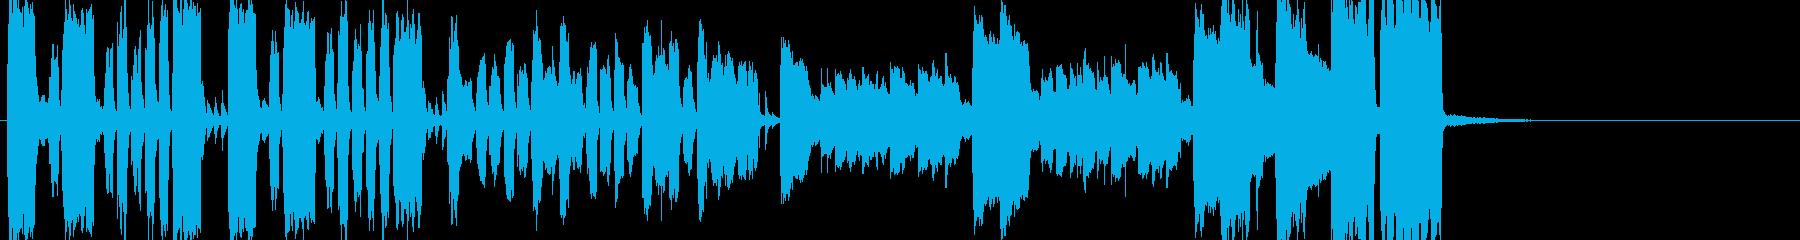 素っ頓狂なアイネクライネナハトムジークの再生済みの波形